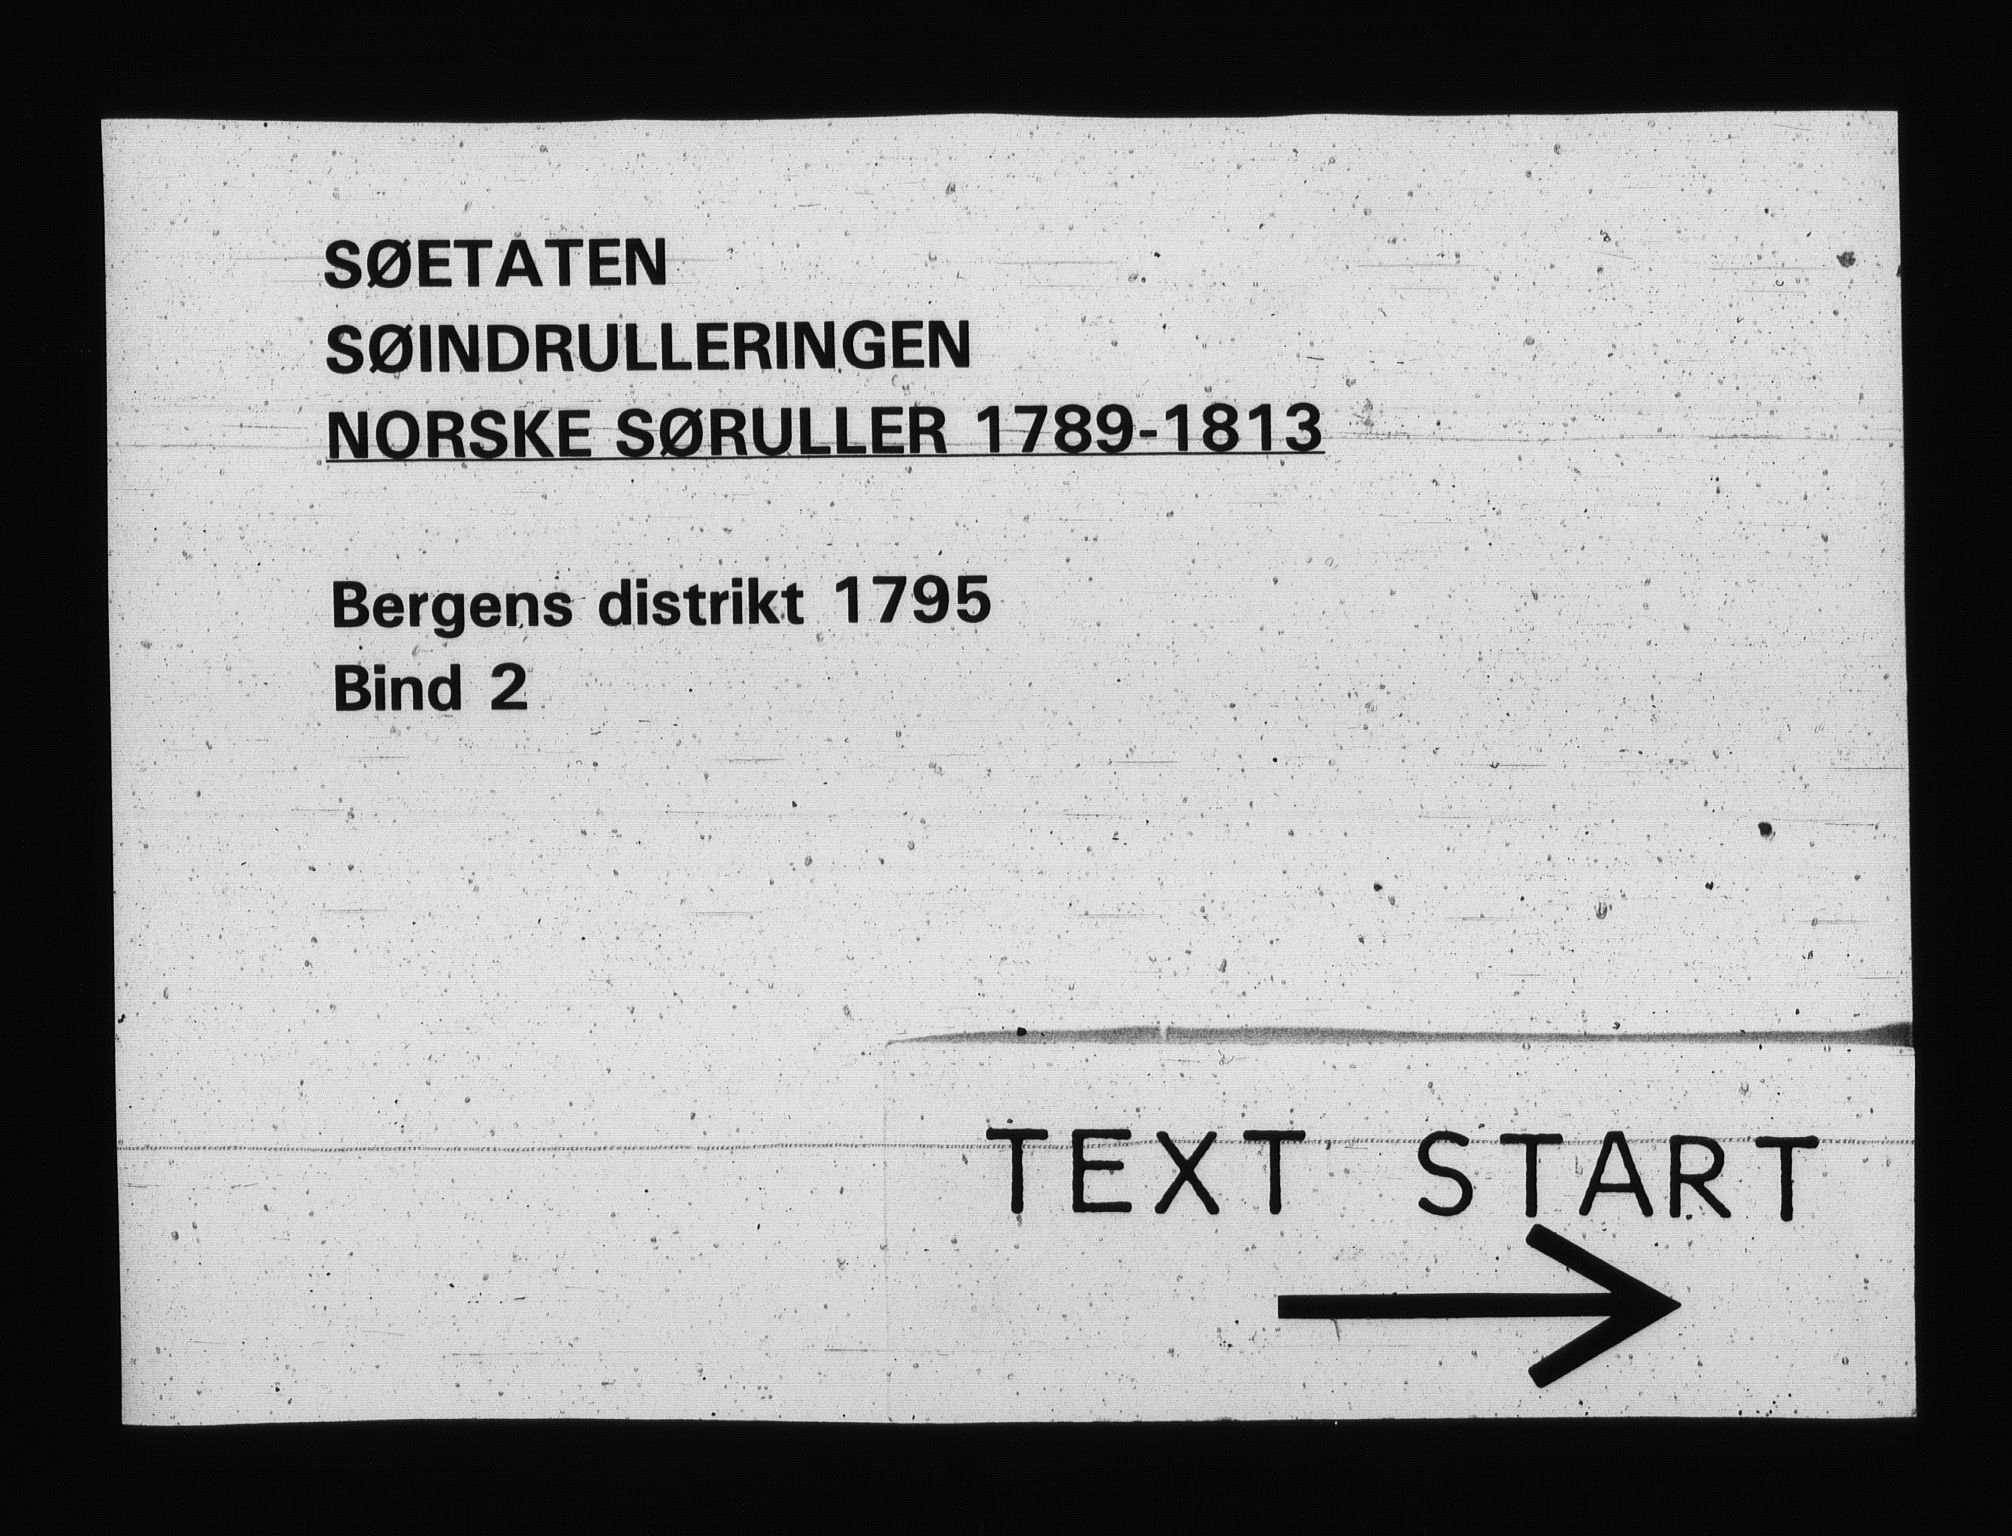 RA, Sjøetaten, F/L0222: Bergen distrikt, bind 2, 1795